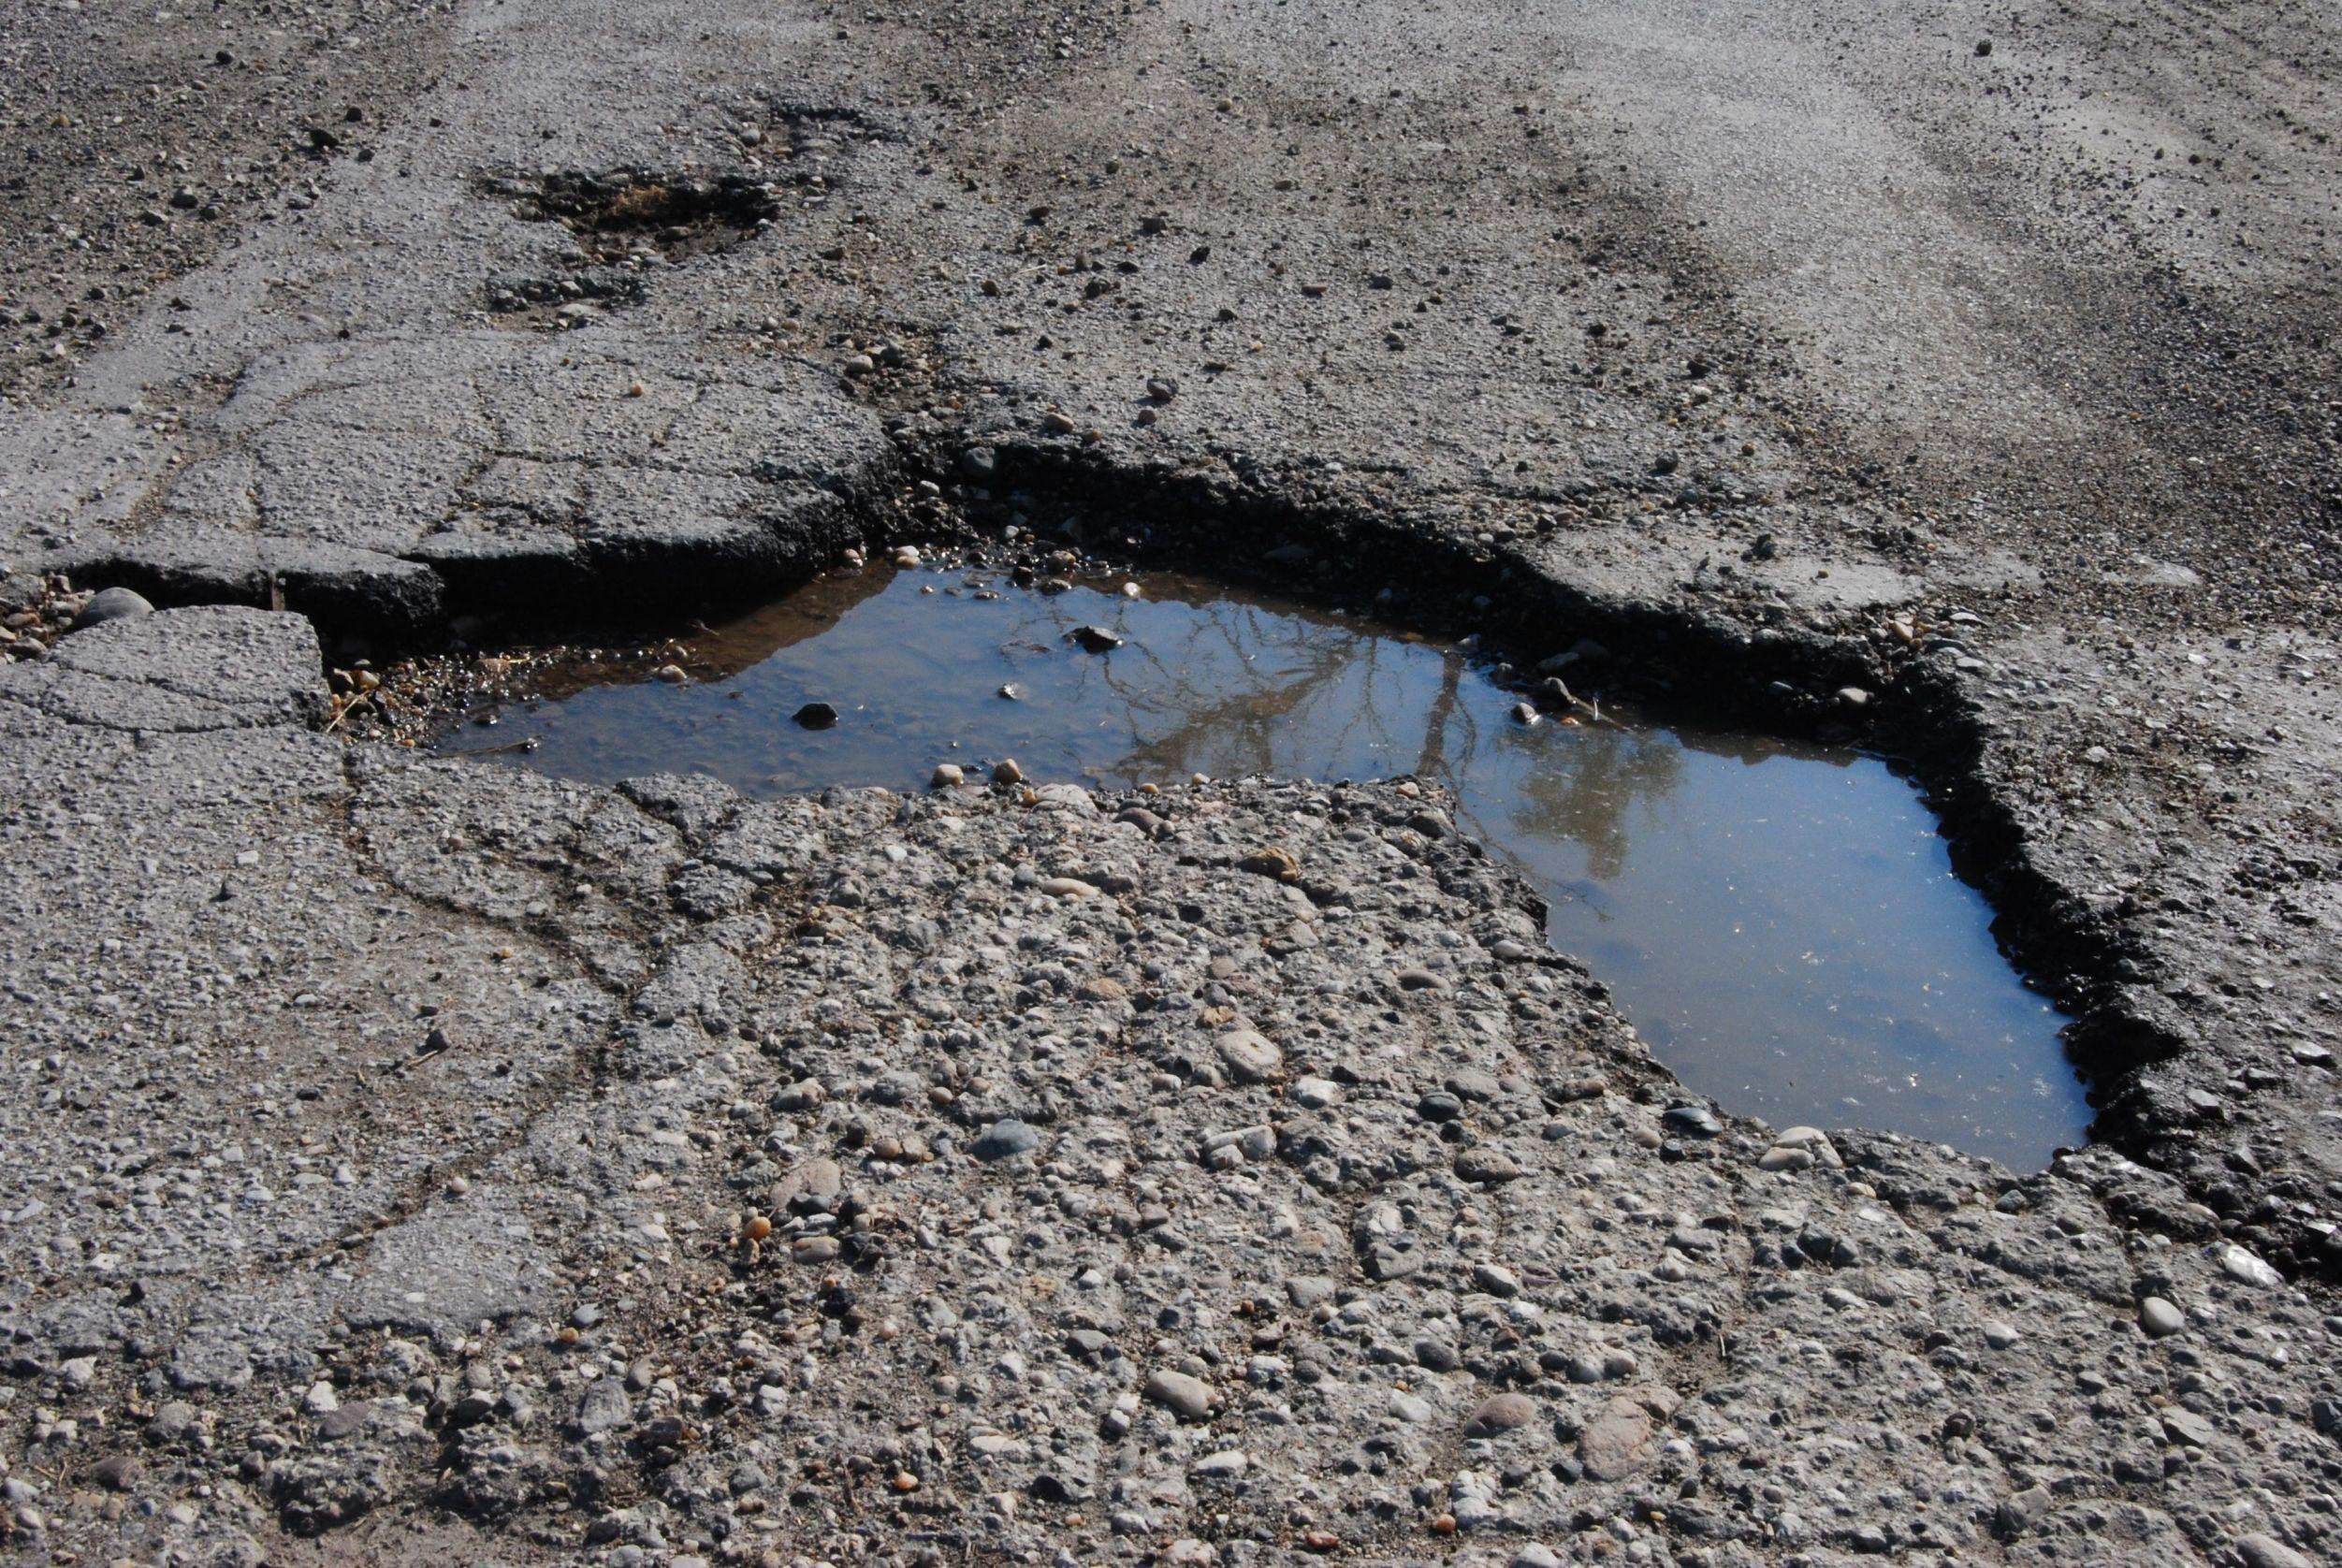 Se per evitare un'auto finisco in una buca sulla strada chi paga?